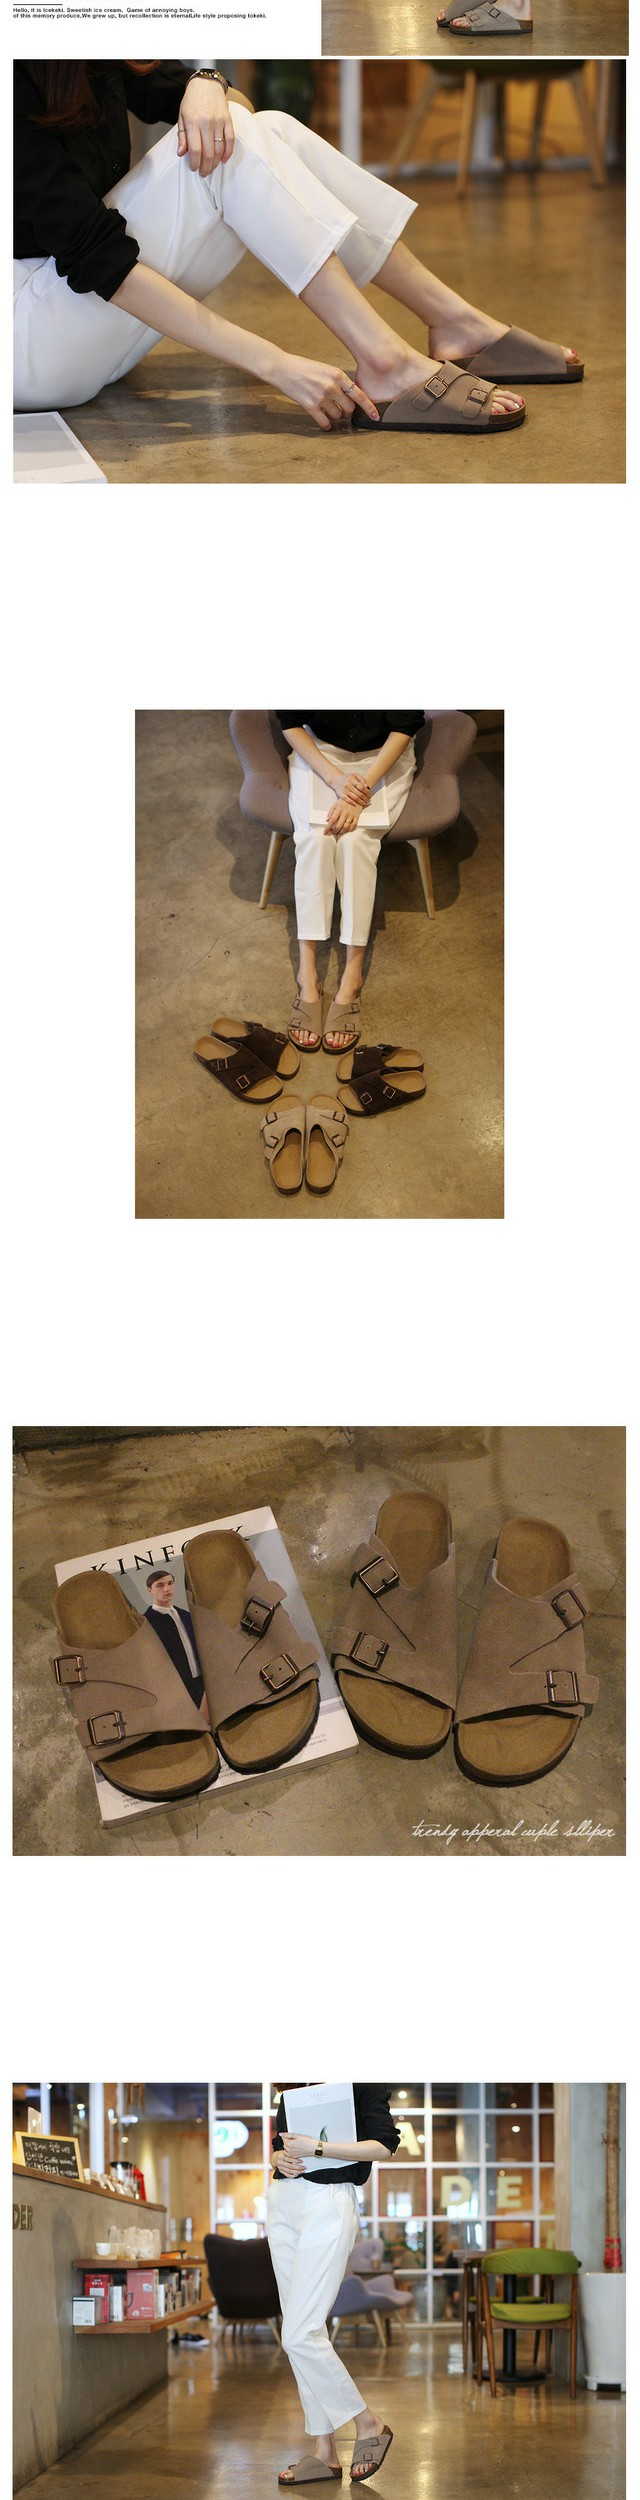 Caribo Slippers 1cm